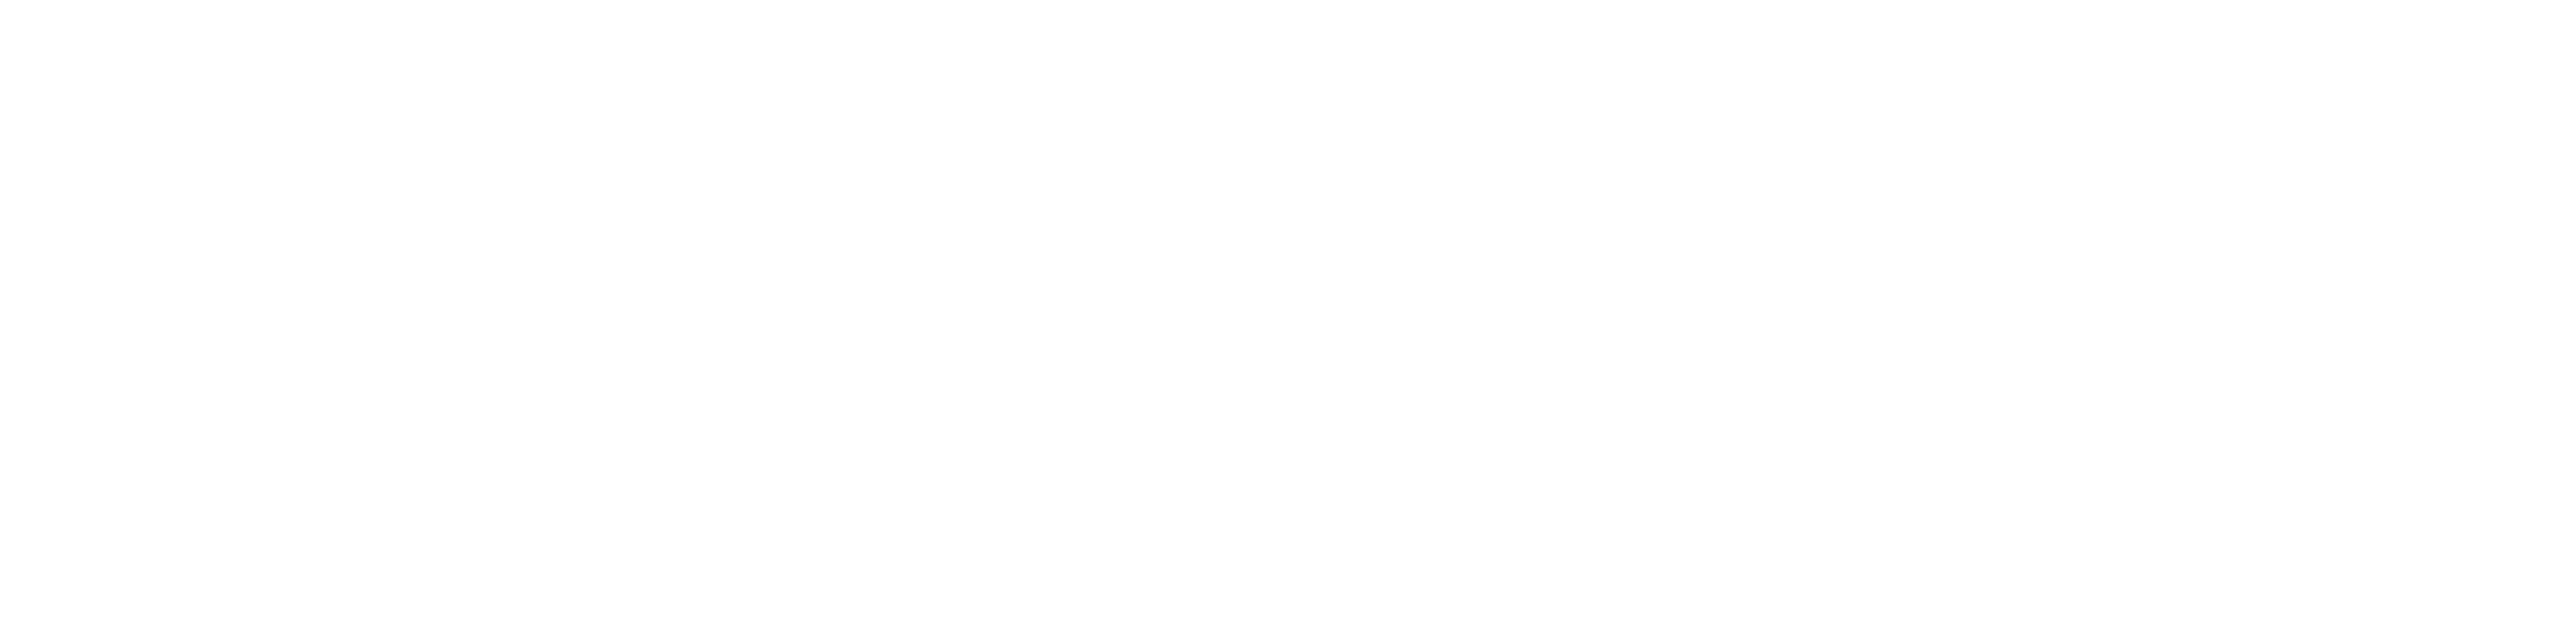 Joy - A Week of Celebration Header Image